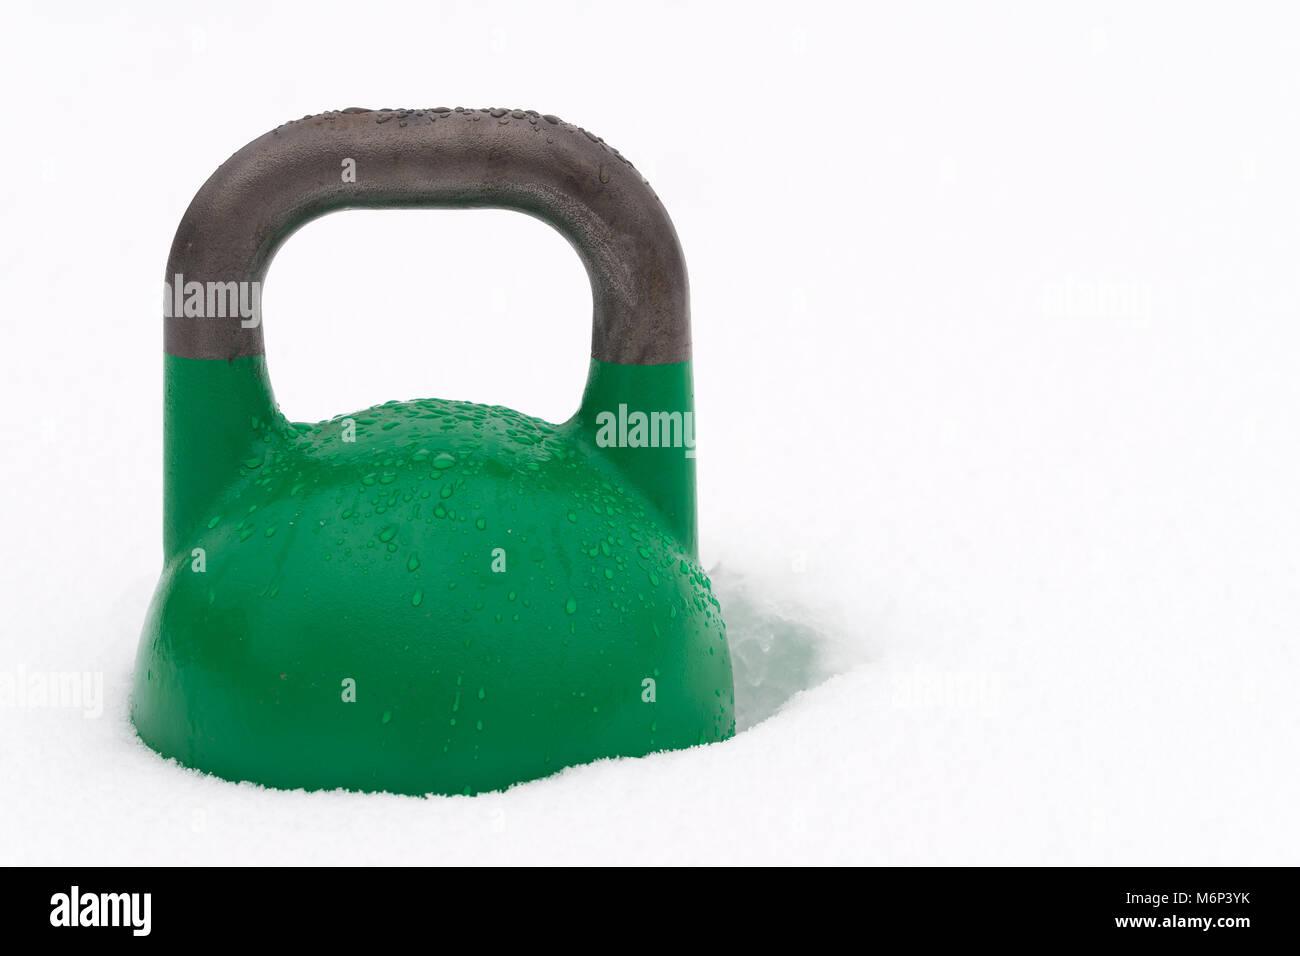 Poids kettlebell formation verte couverte de gouttelettes d'eau à l'extérieur dans la neige. Copie Photo Stock